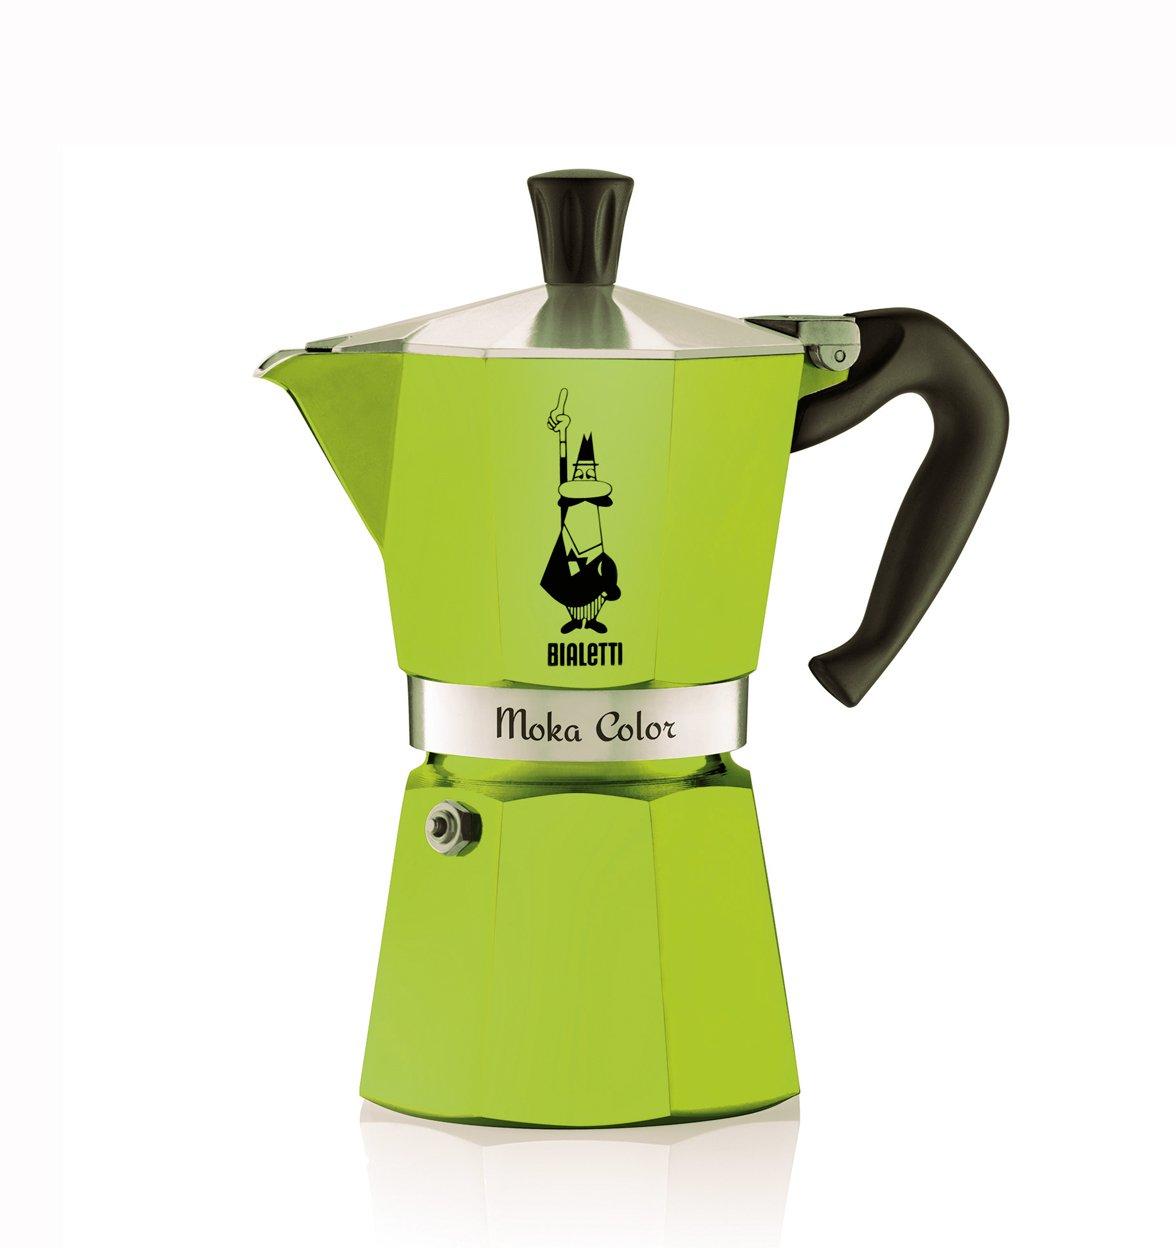 Cafetera italiana bialetti moka express 6 tazas verde bialetti per - Cafetera moka ...